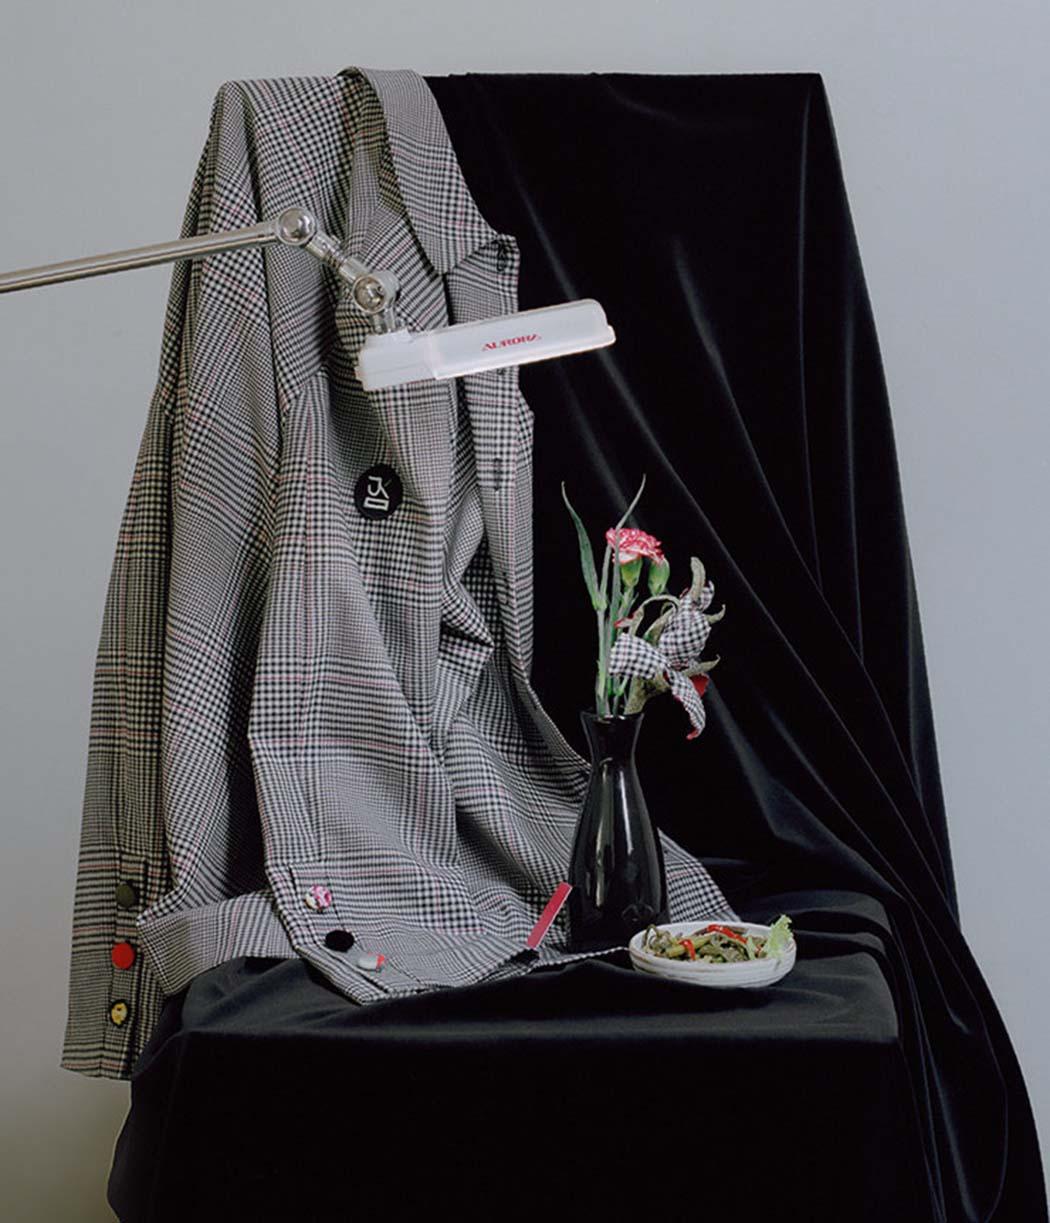 Fashion-JKimFW17-Still Lifes-EugeneShishkin-07